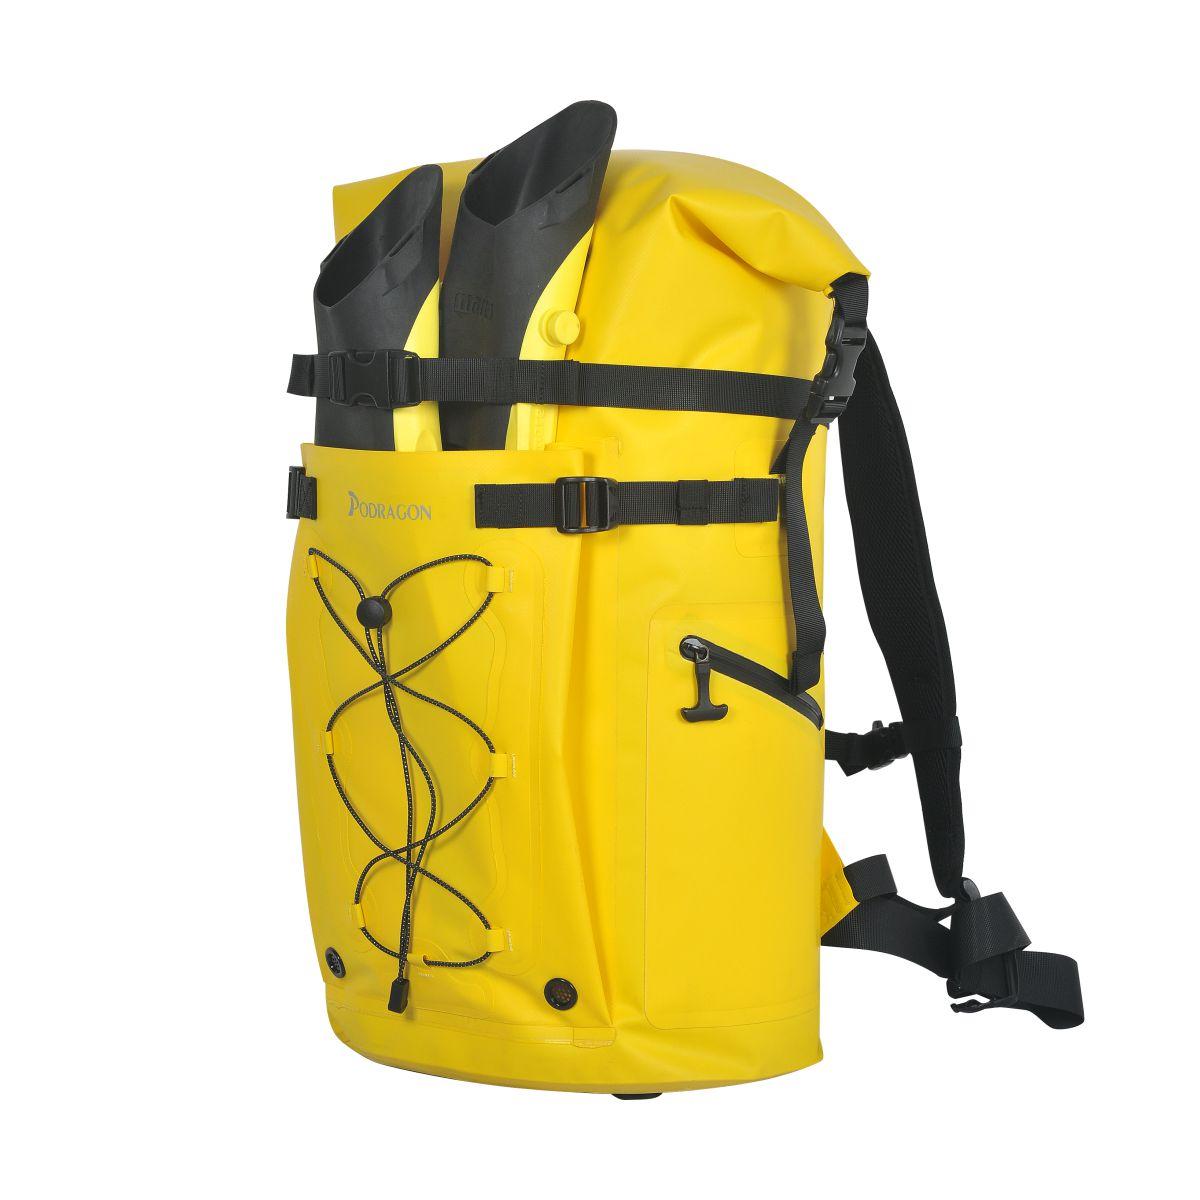 Podragon自由潜水装备包脚蹼包双肩防水背包冲浪蛙鞋收纳浮潜漂流